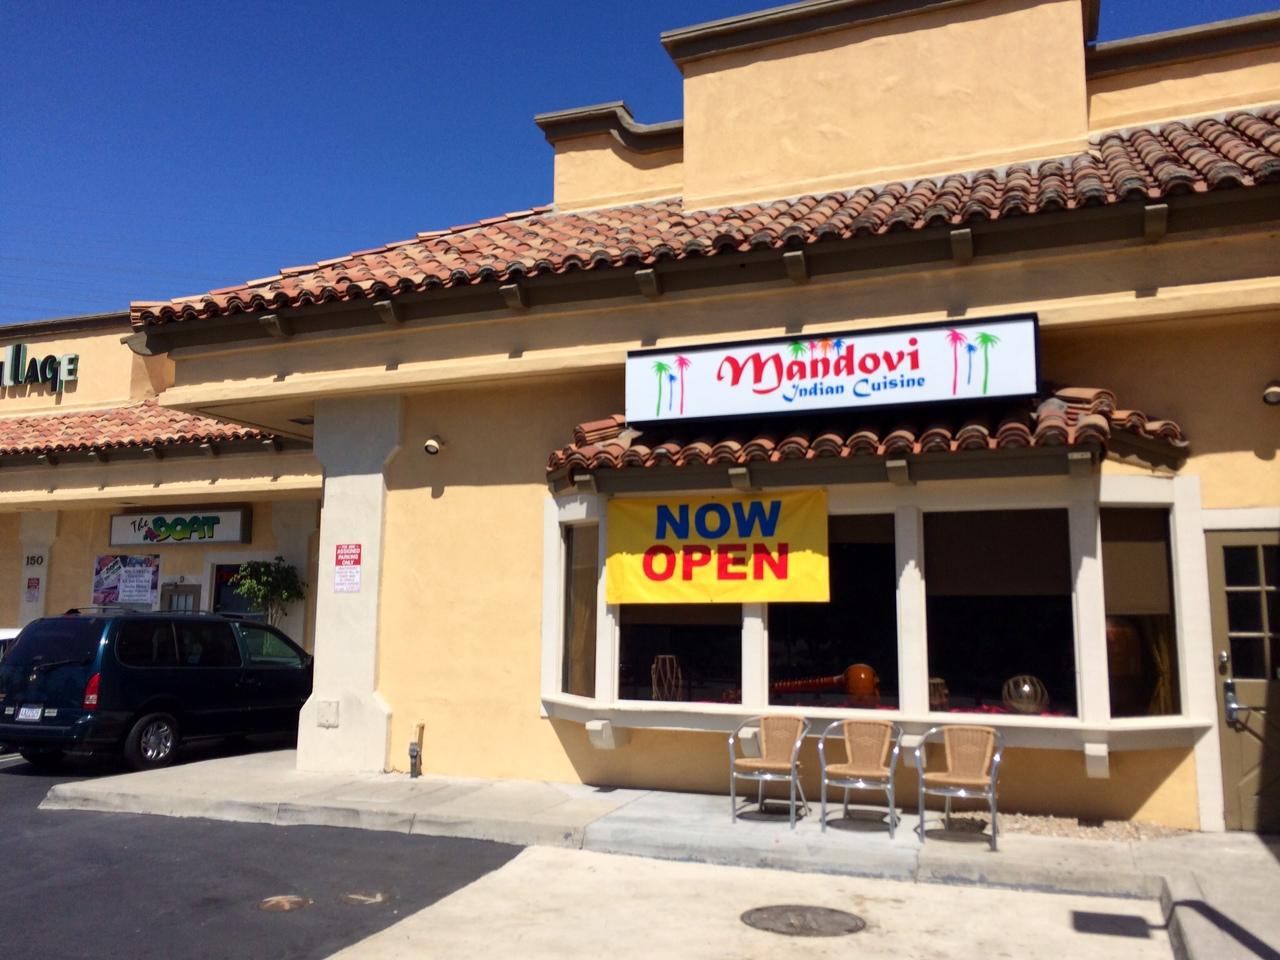 Mandovi Indian Restaurant Hits El Segundo Toddrickallen